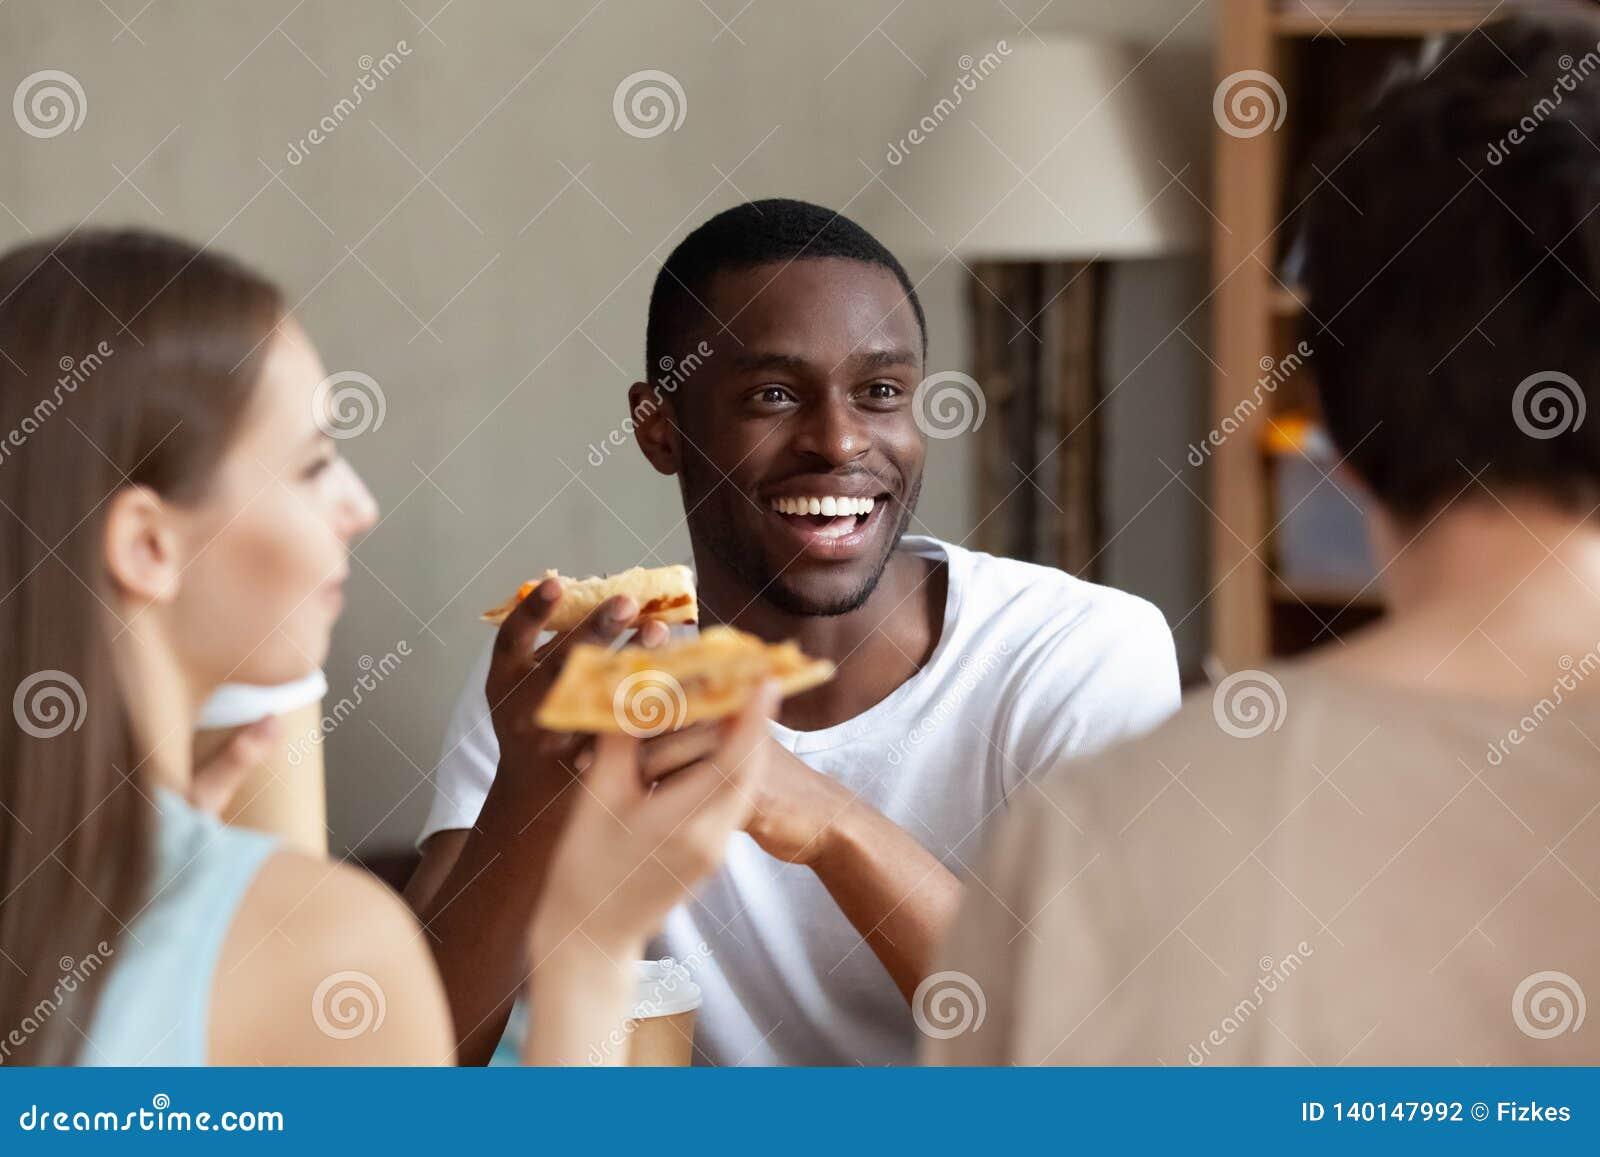 Pizza antropófaga afroamericana sonriente, charlando con los amigos